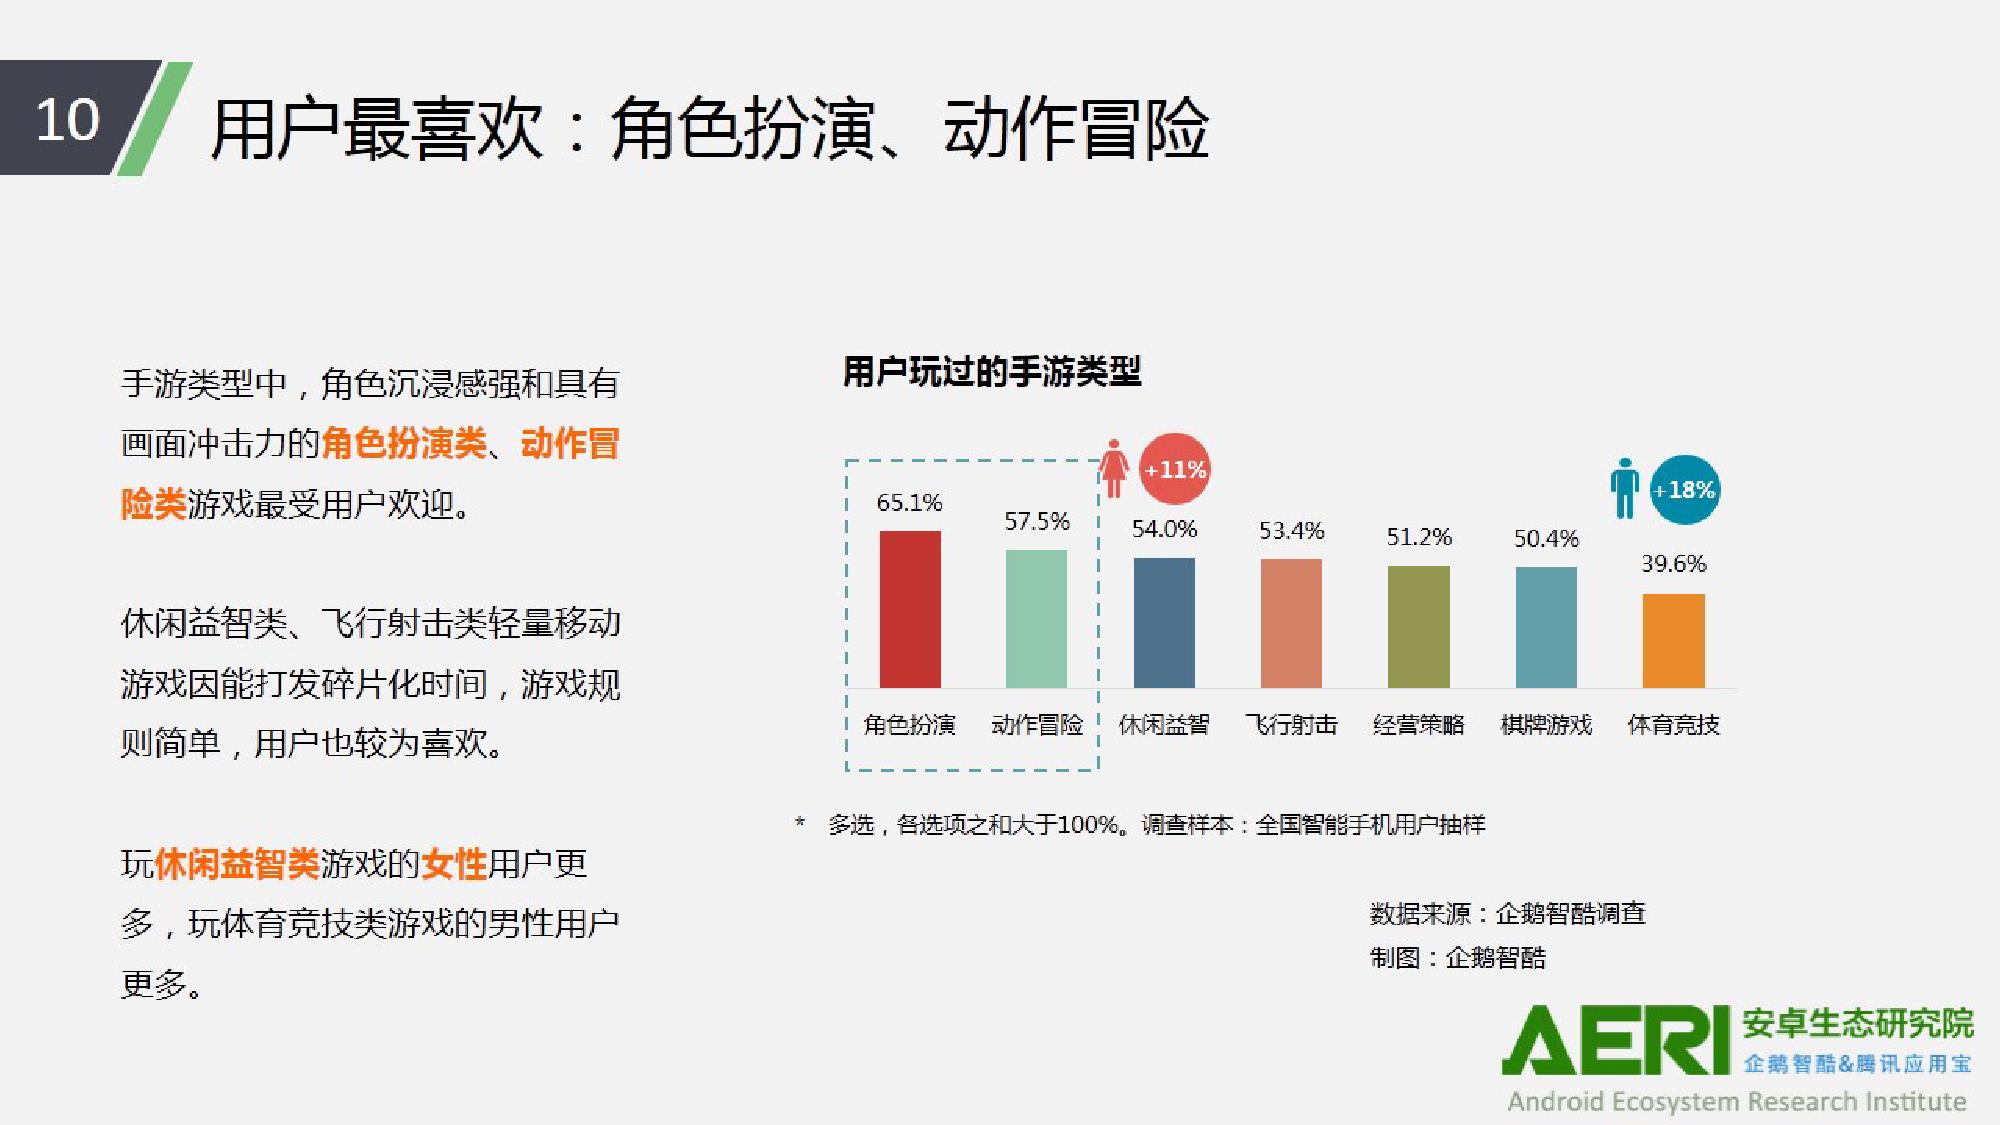 中国手游行业2016大数据报告_000011